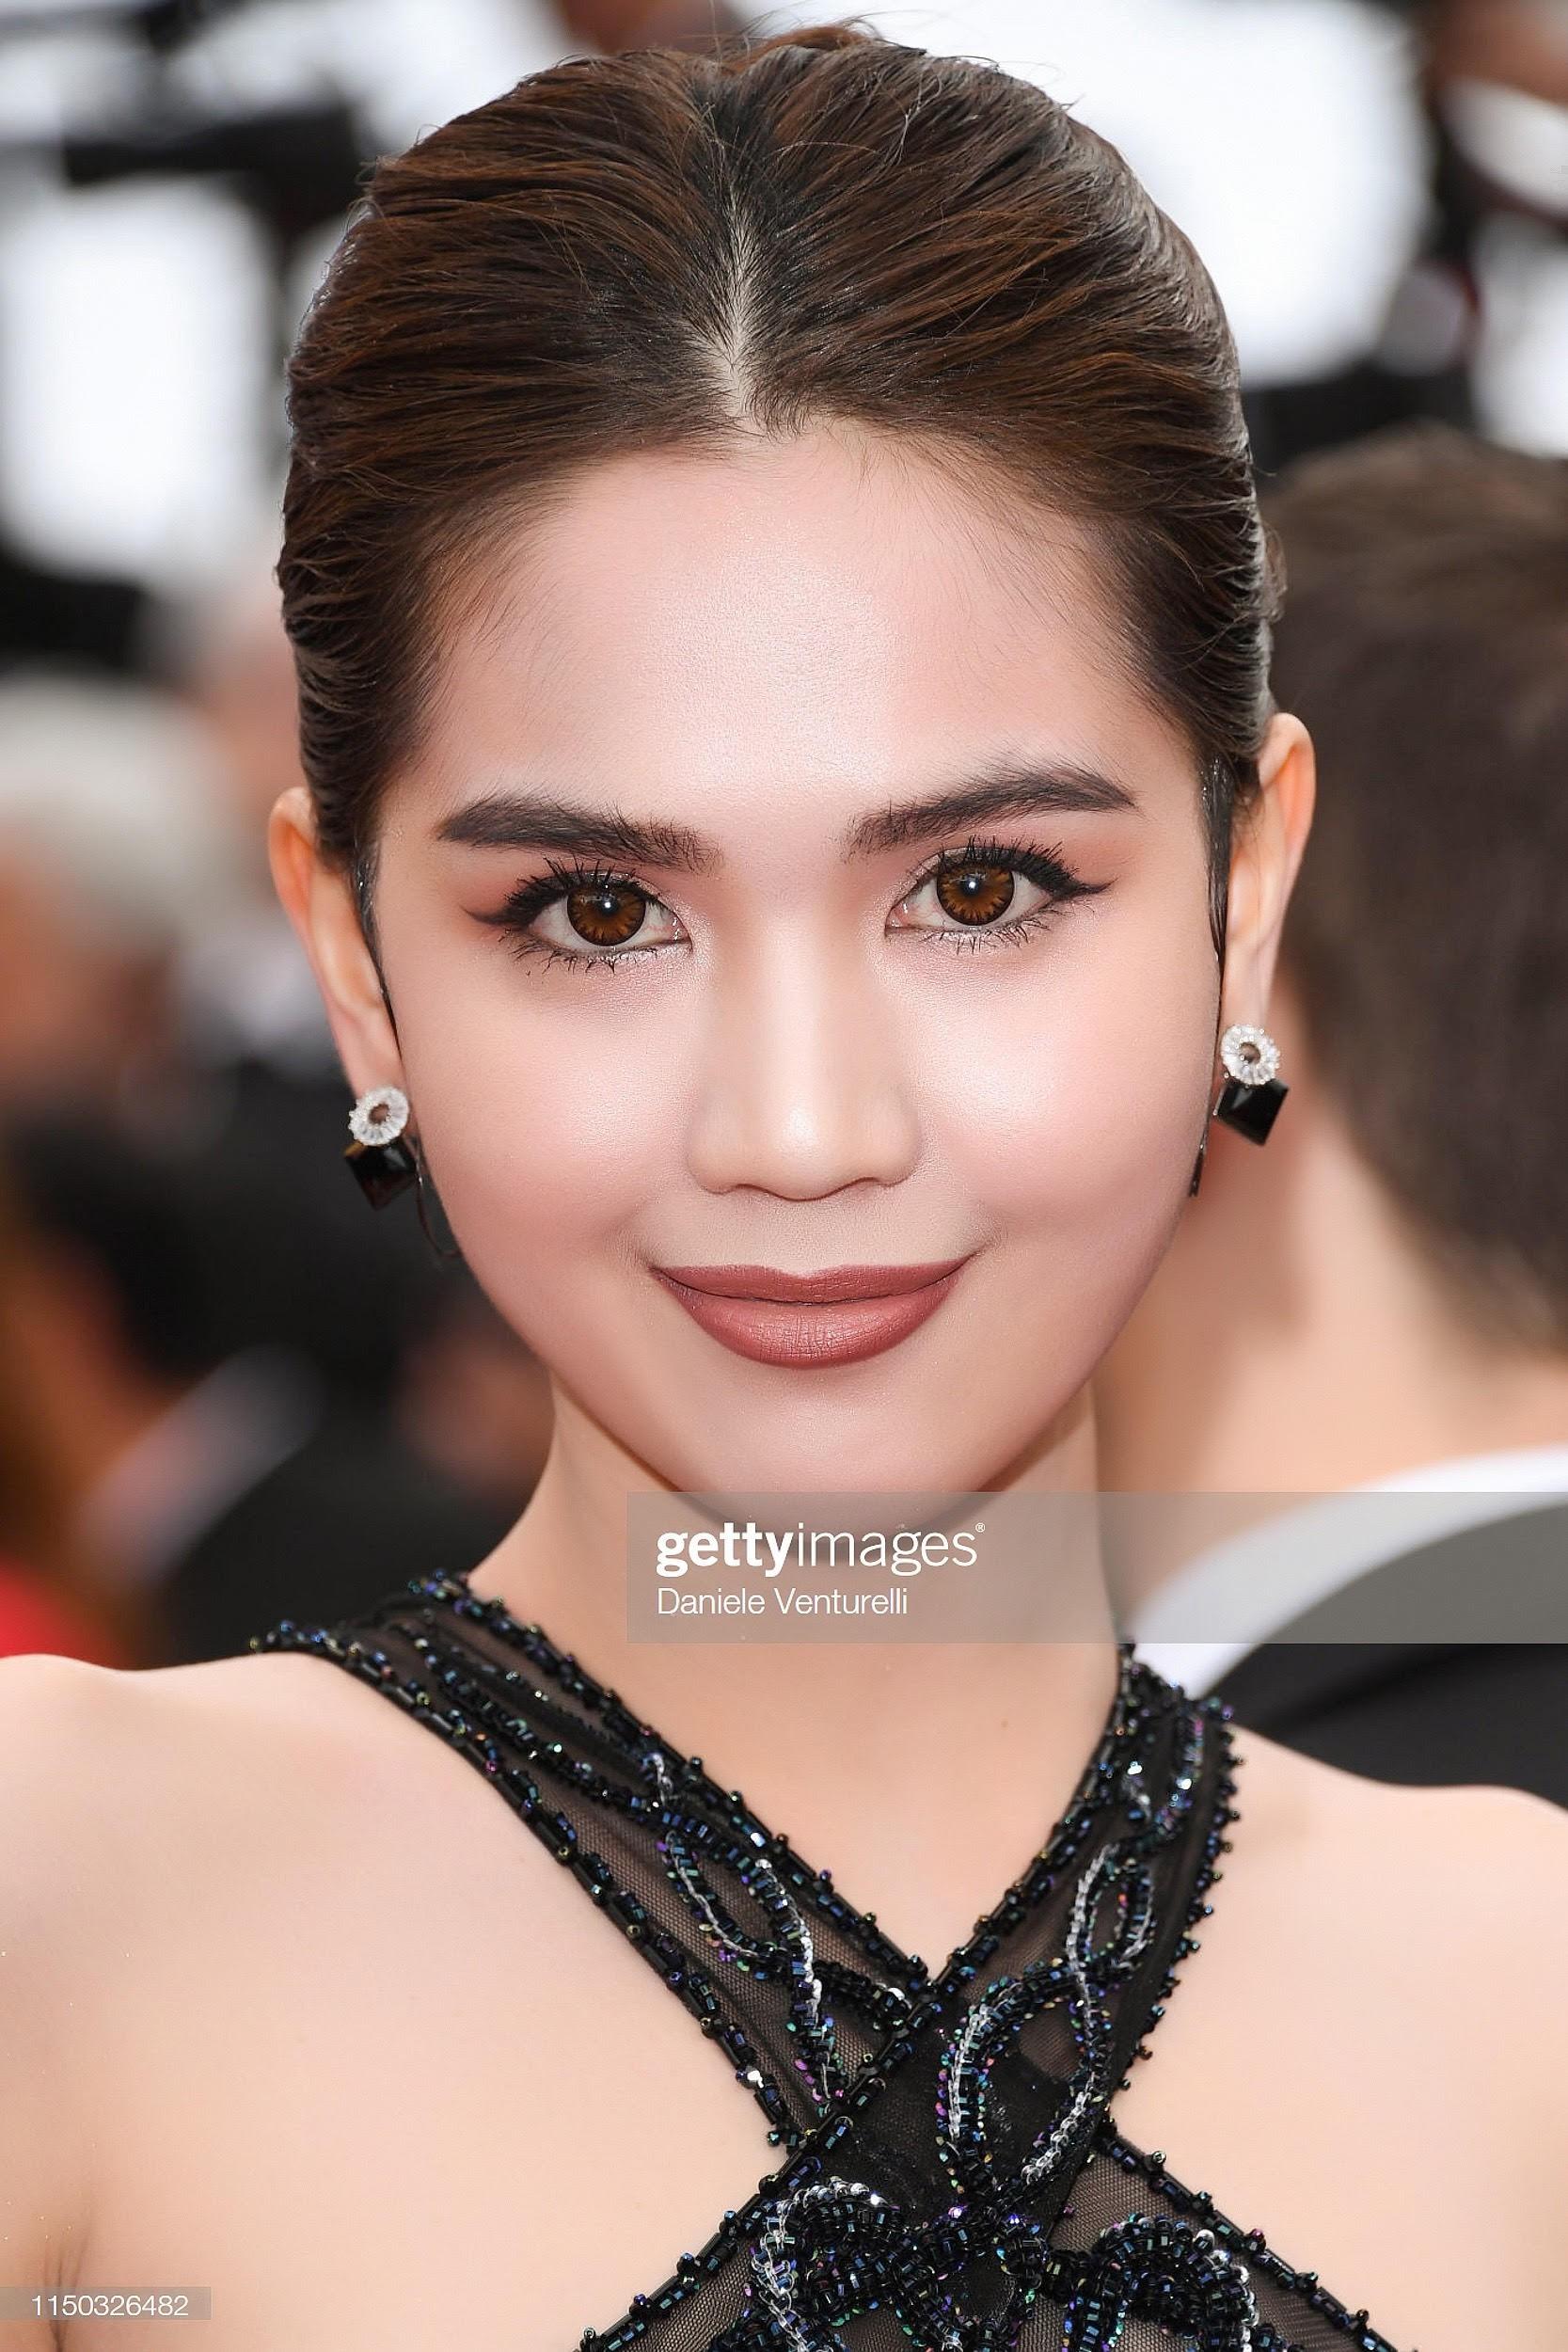 Ngọc Trinh lên tiếng khi bị chỉ trích phản cảm trên thảm đỏ Cannes: Tôi là nữ hoàng nội y, mặc vậy là bình thường - Ảnh 2.